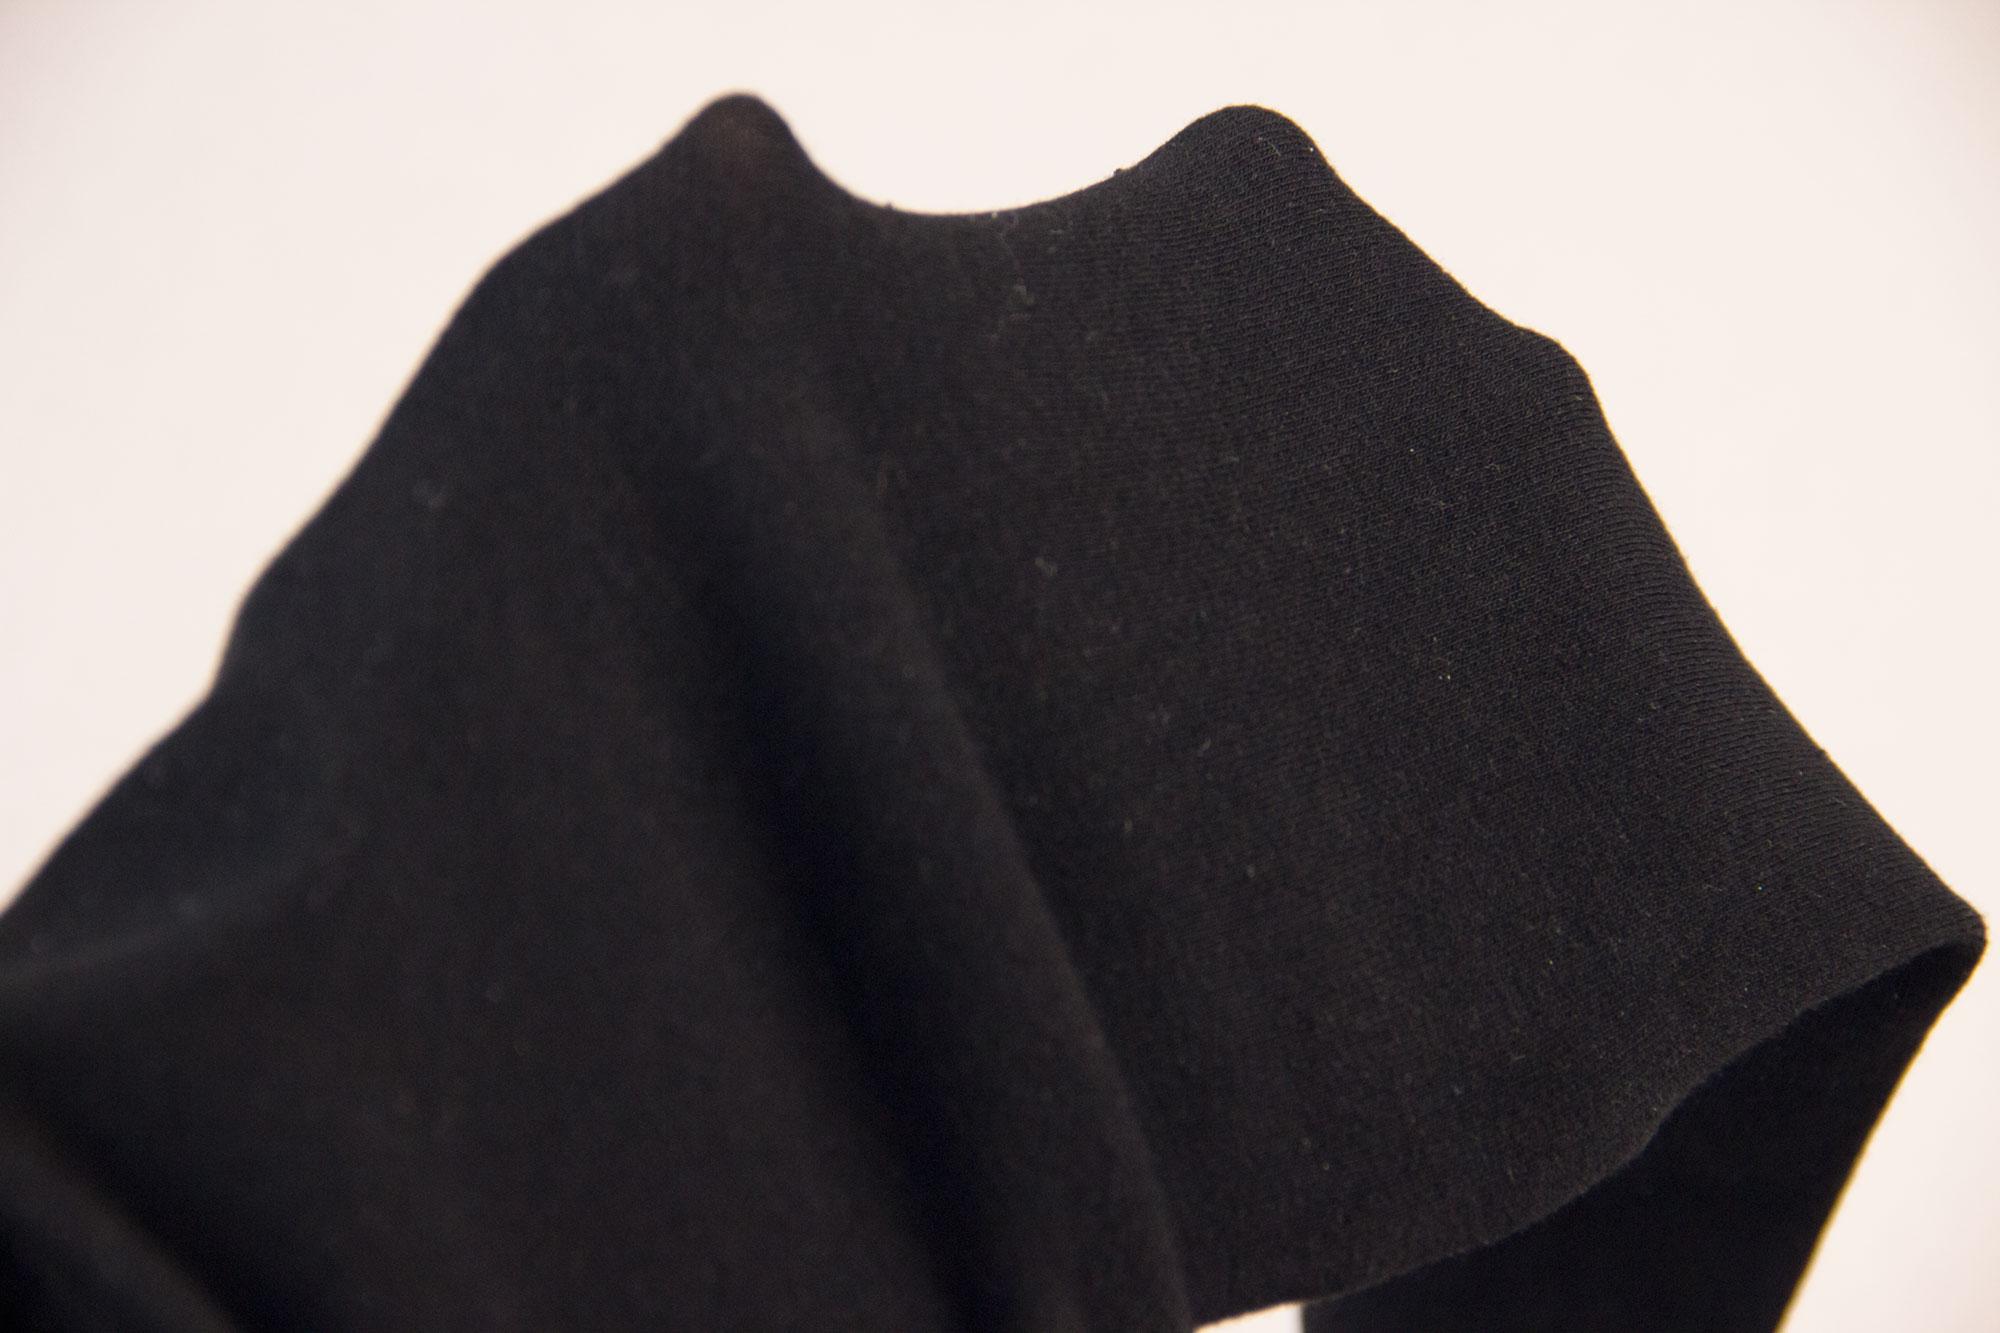 Сравнительный обзор теплых колготок. Колготки Incanto Cashmere